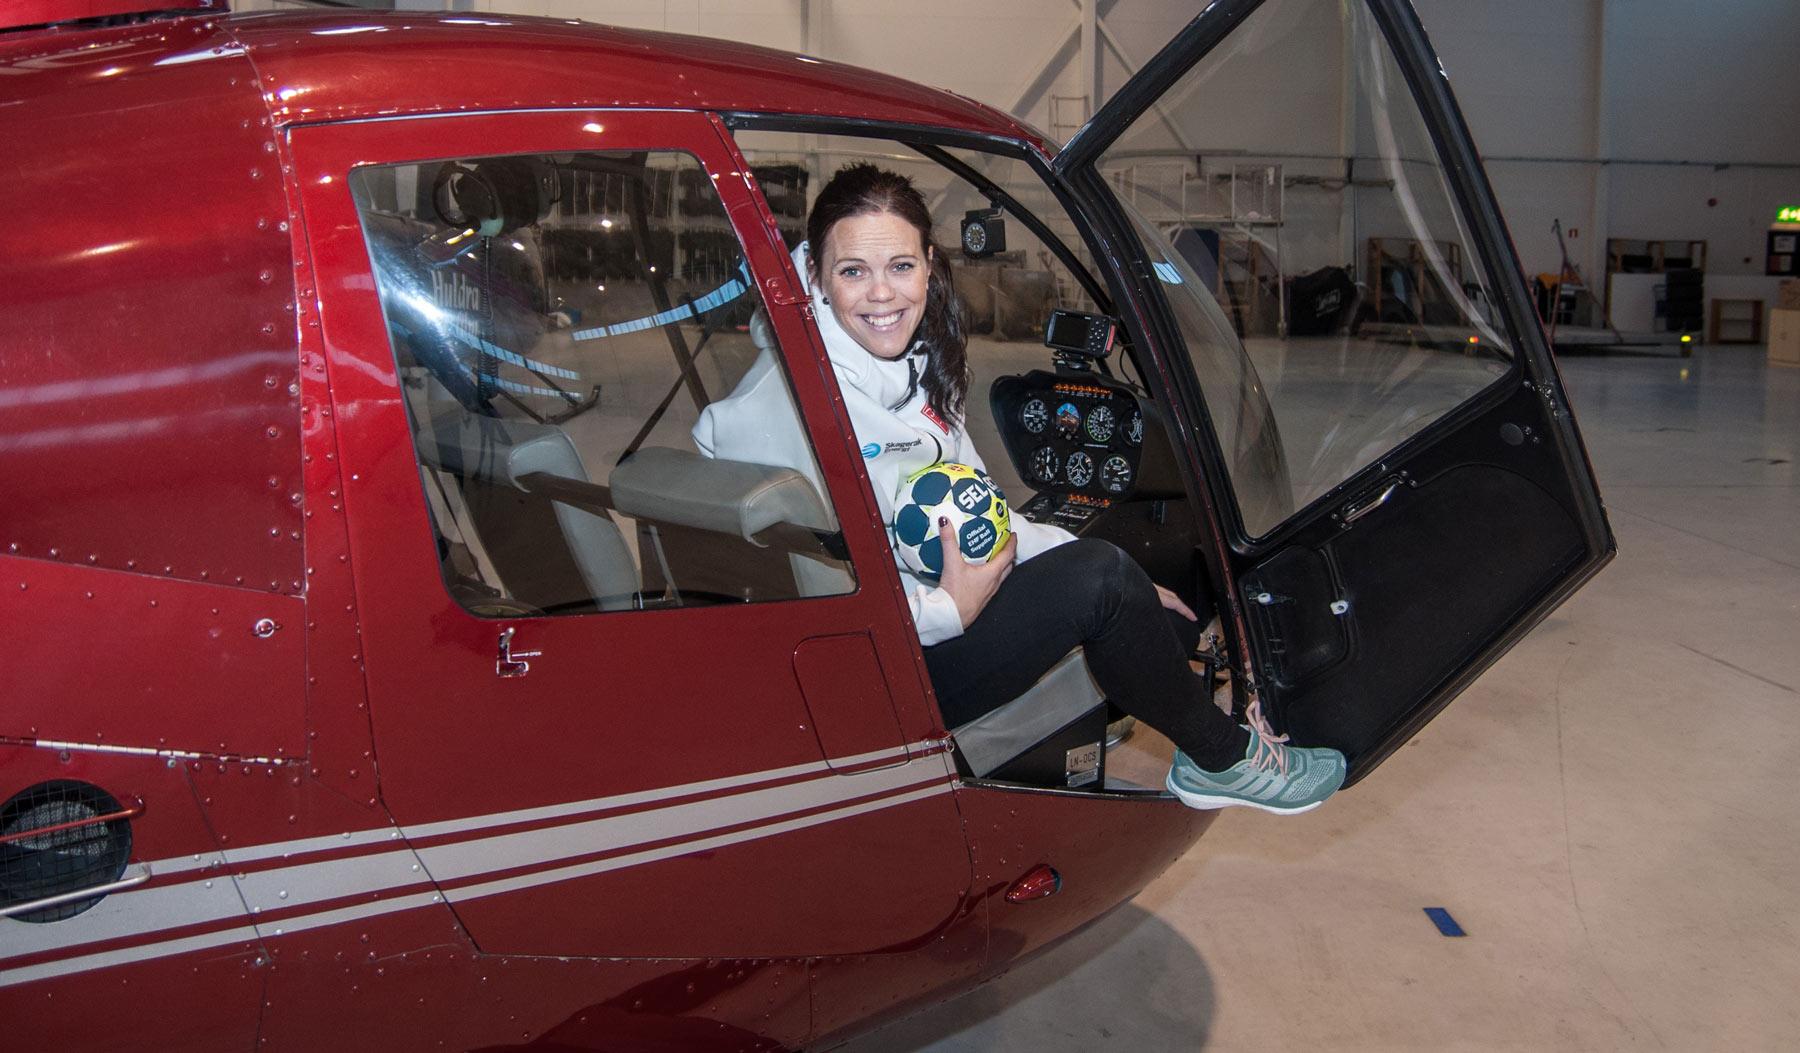 Håndball, helikopter og en skikkelig drømmedag